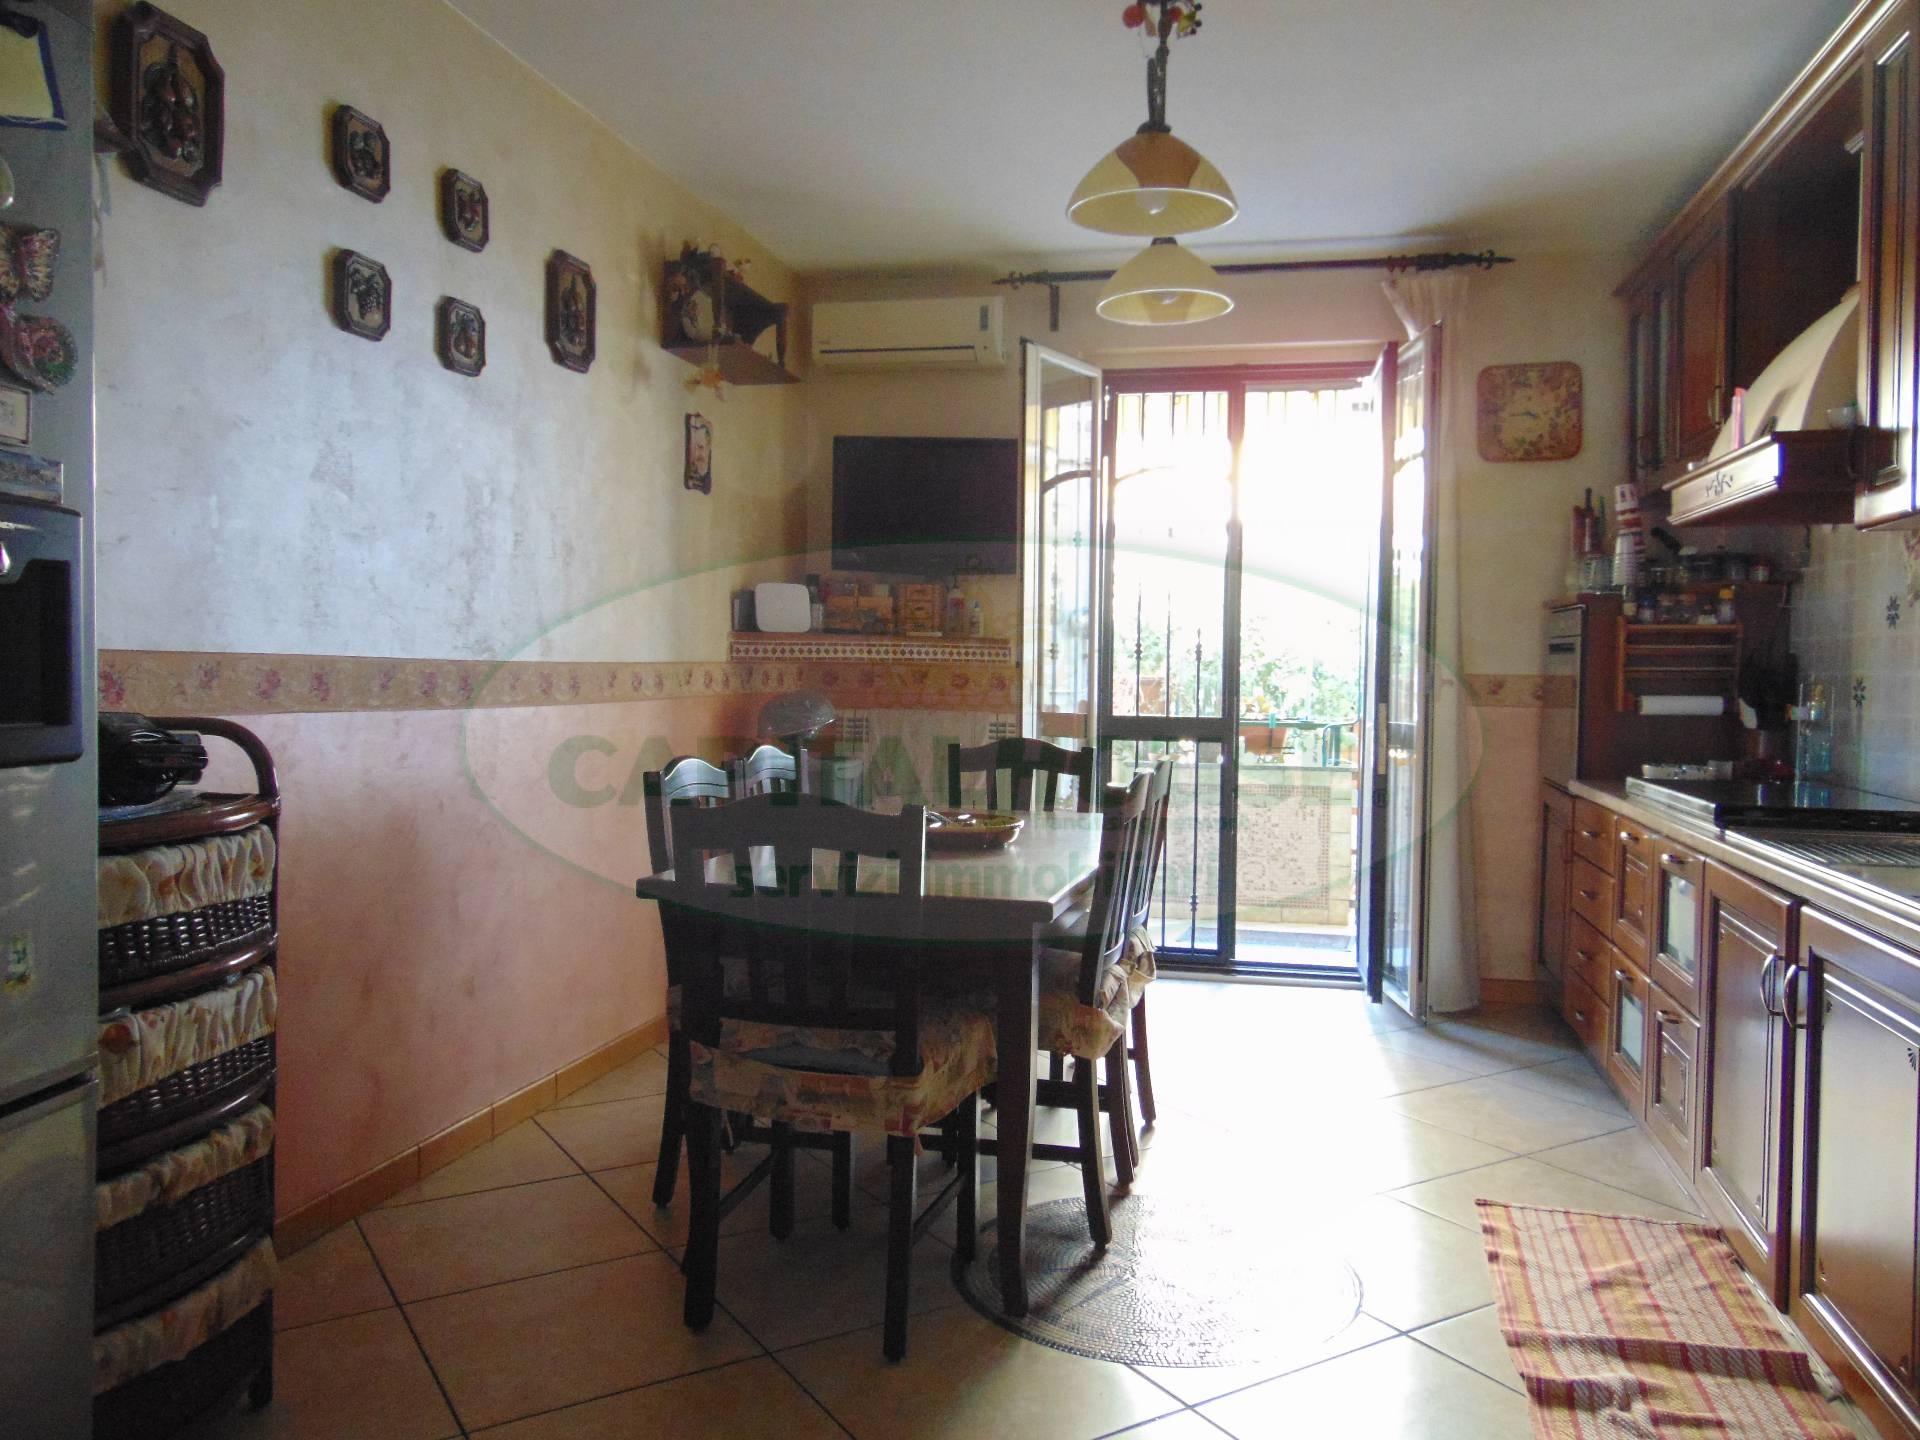 Appartamento in vendita a San Prisco, 3 locali, zona Località: ZonaViaStellato, prezzo € 146.000 | CambioCasa.it